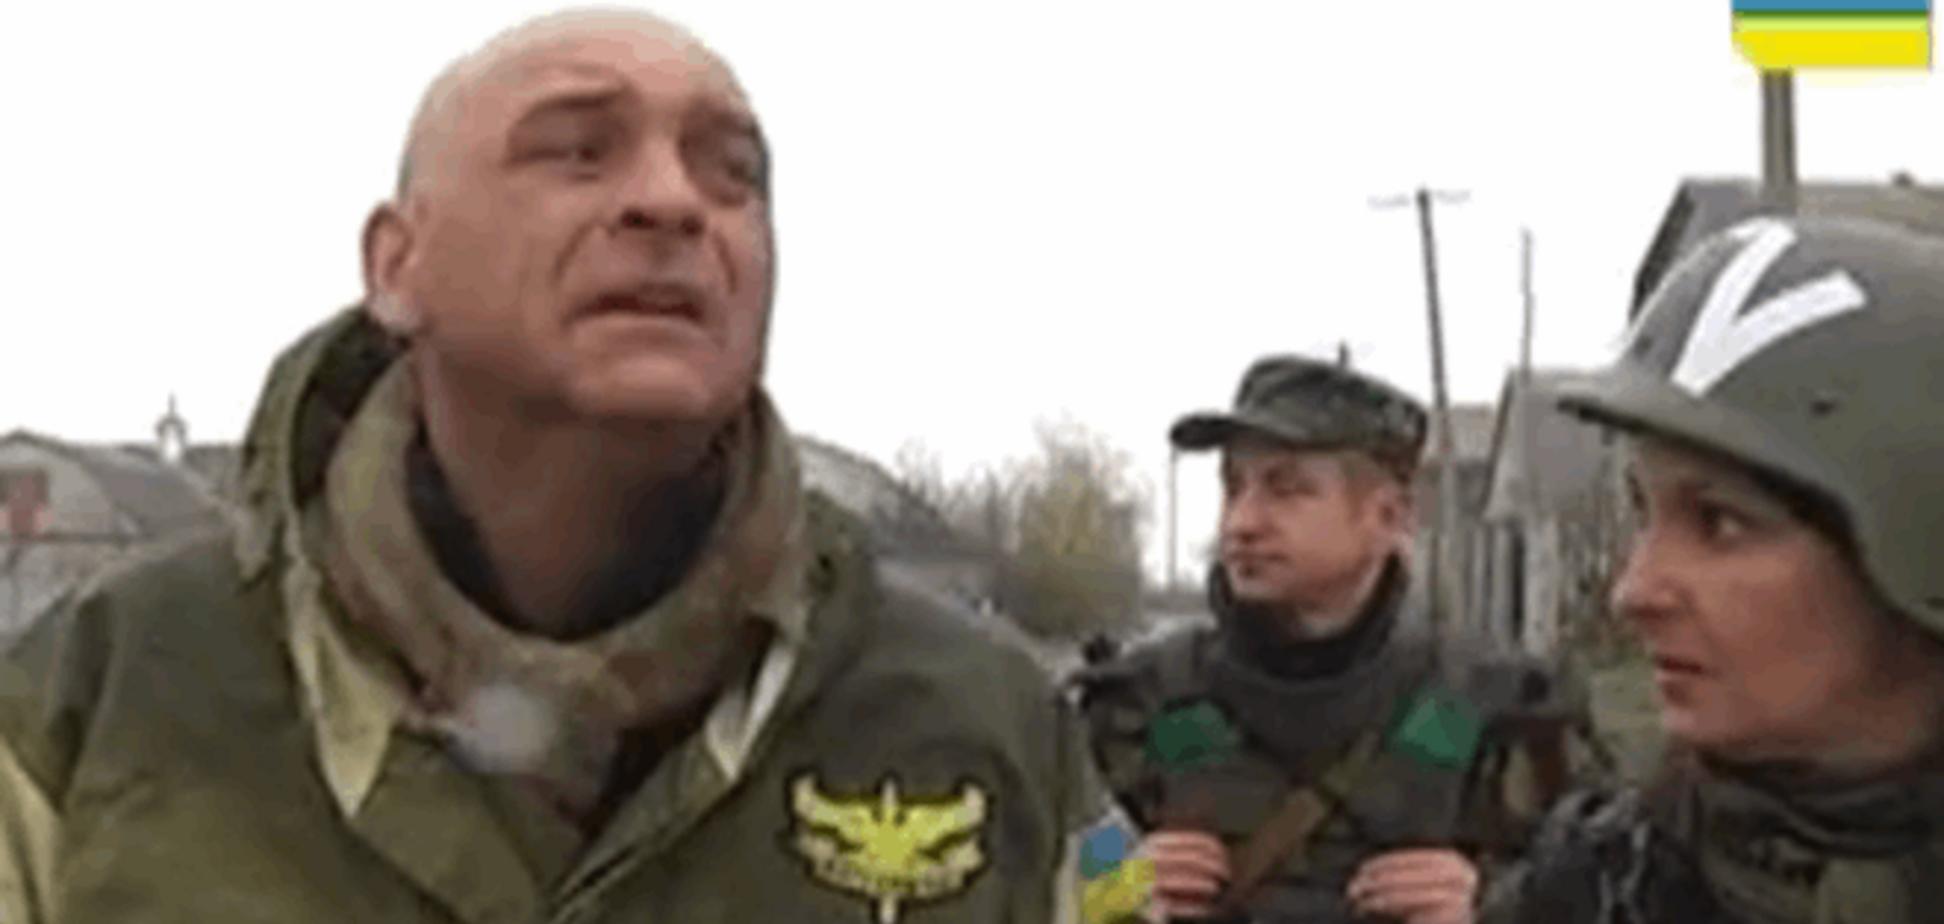 Ни нашим, ни вашим: под Мариуполем против ВСУ и 'ДНР' воюет 'третья сторона'